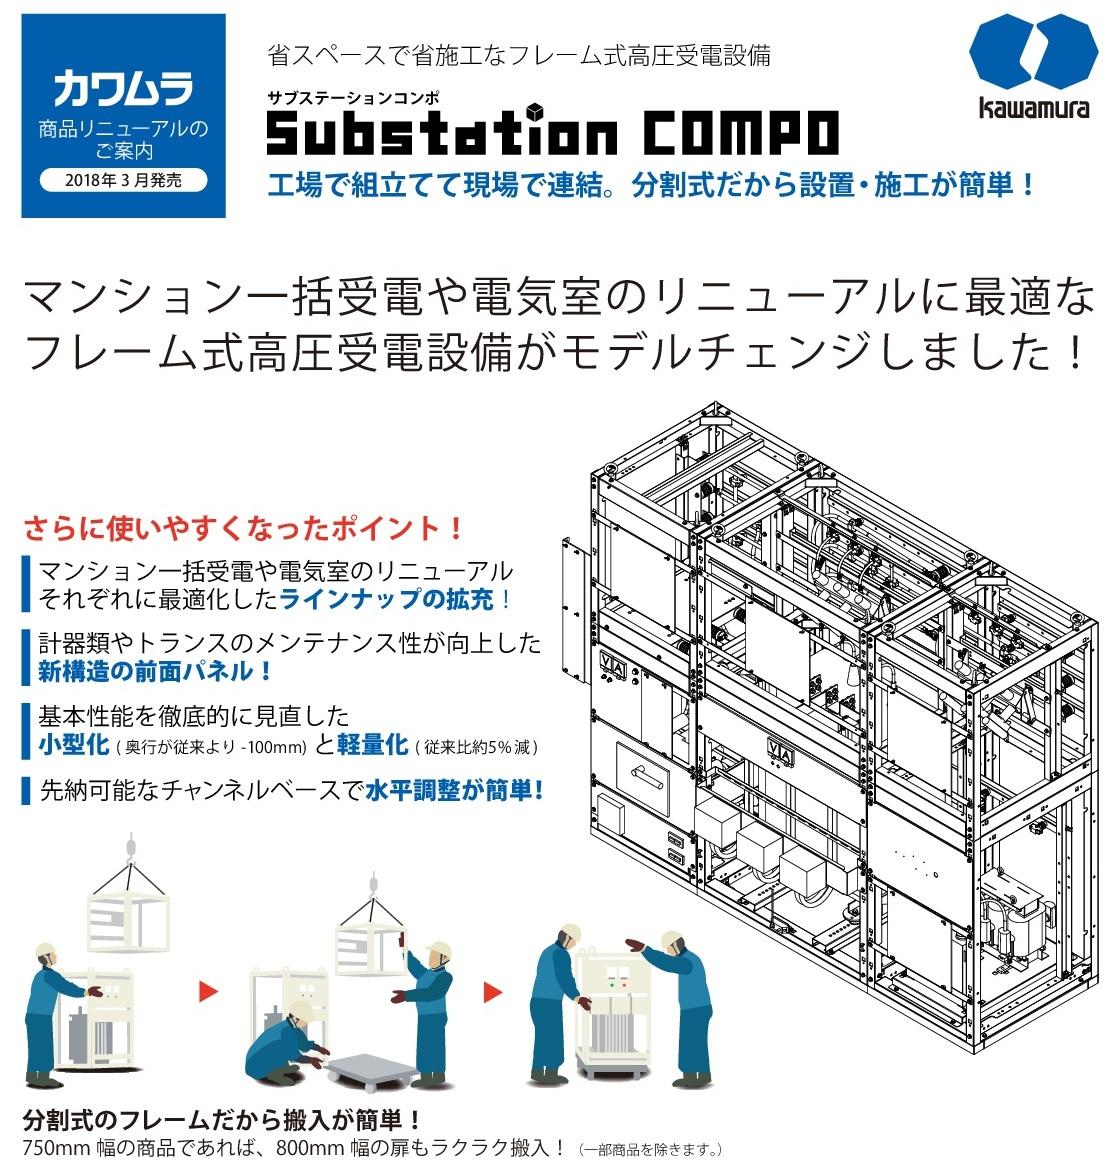 【河村電器産業】省スペースで省施工なフレーム式高圧受電設備 Substation COMPO(サブステーションコンポ)のご案内の画像